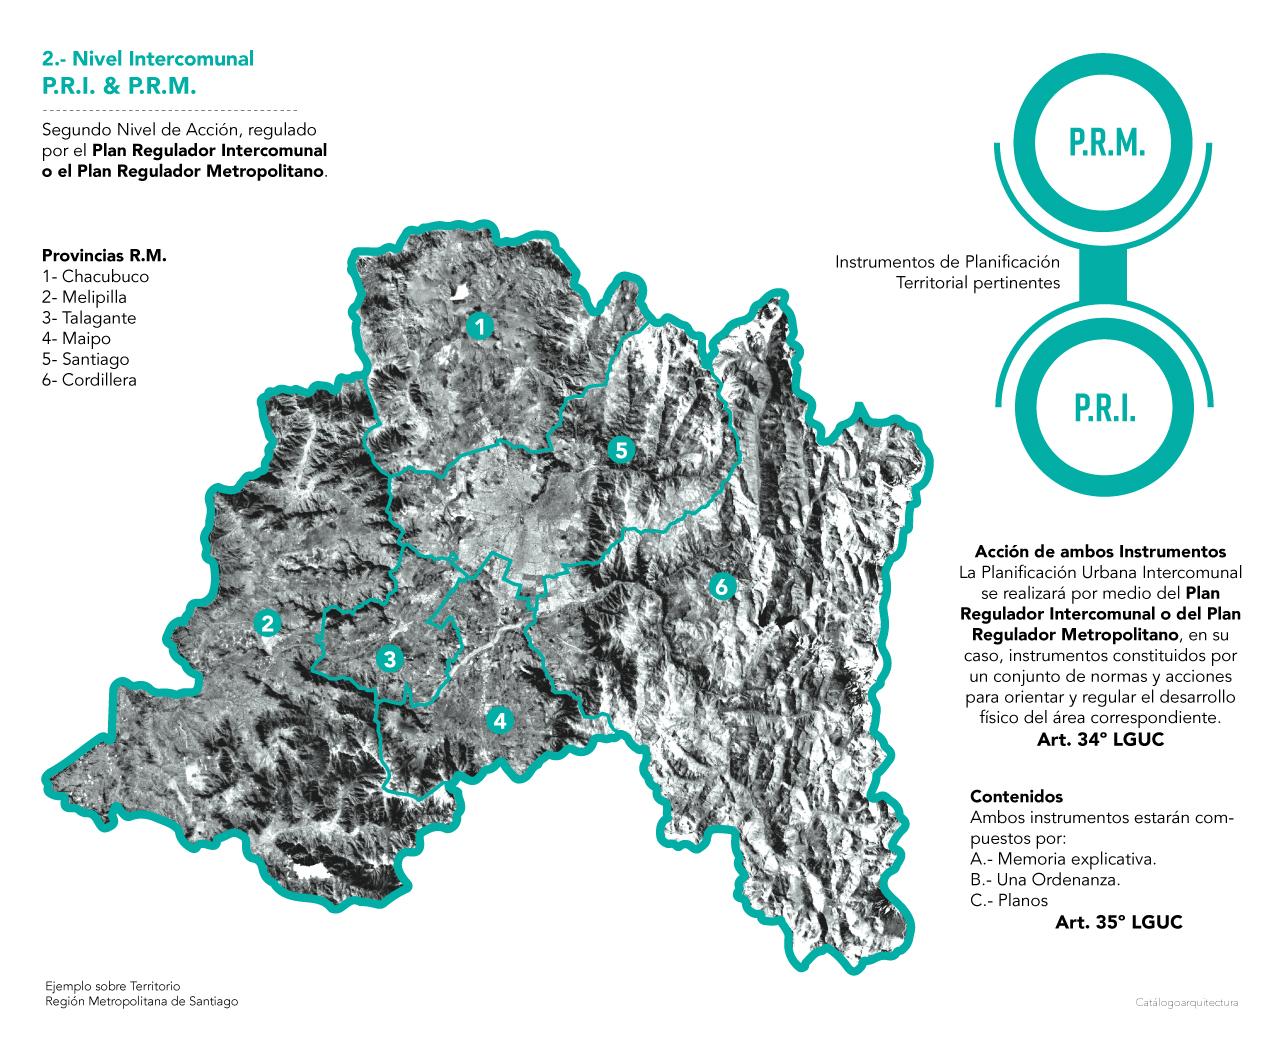 Planificación Urbana a nivel intercomunal, LGUC Chile.